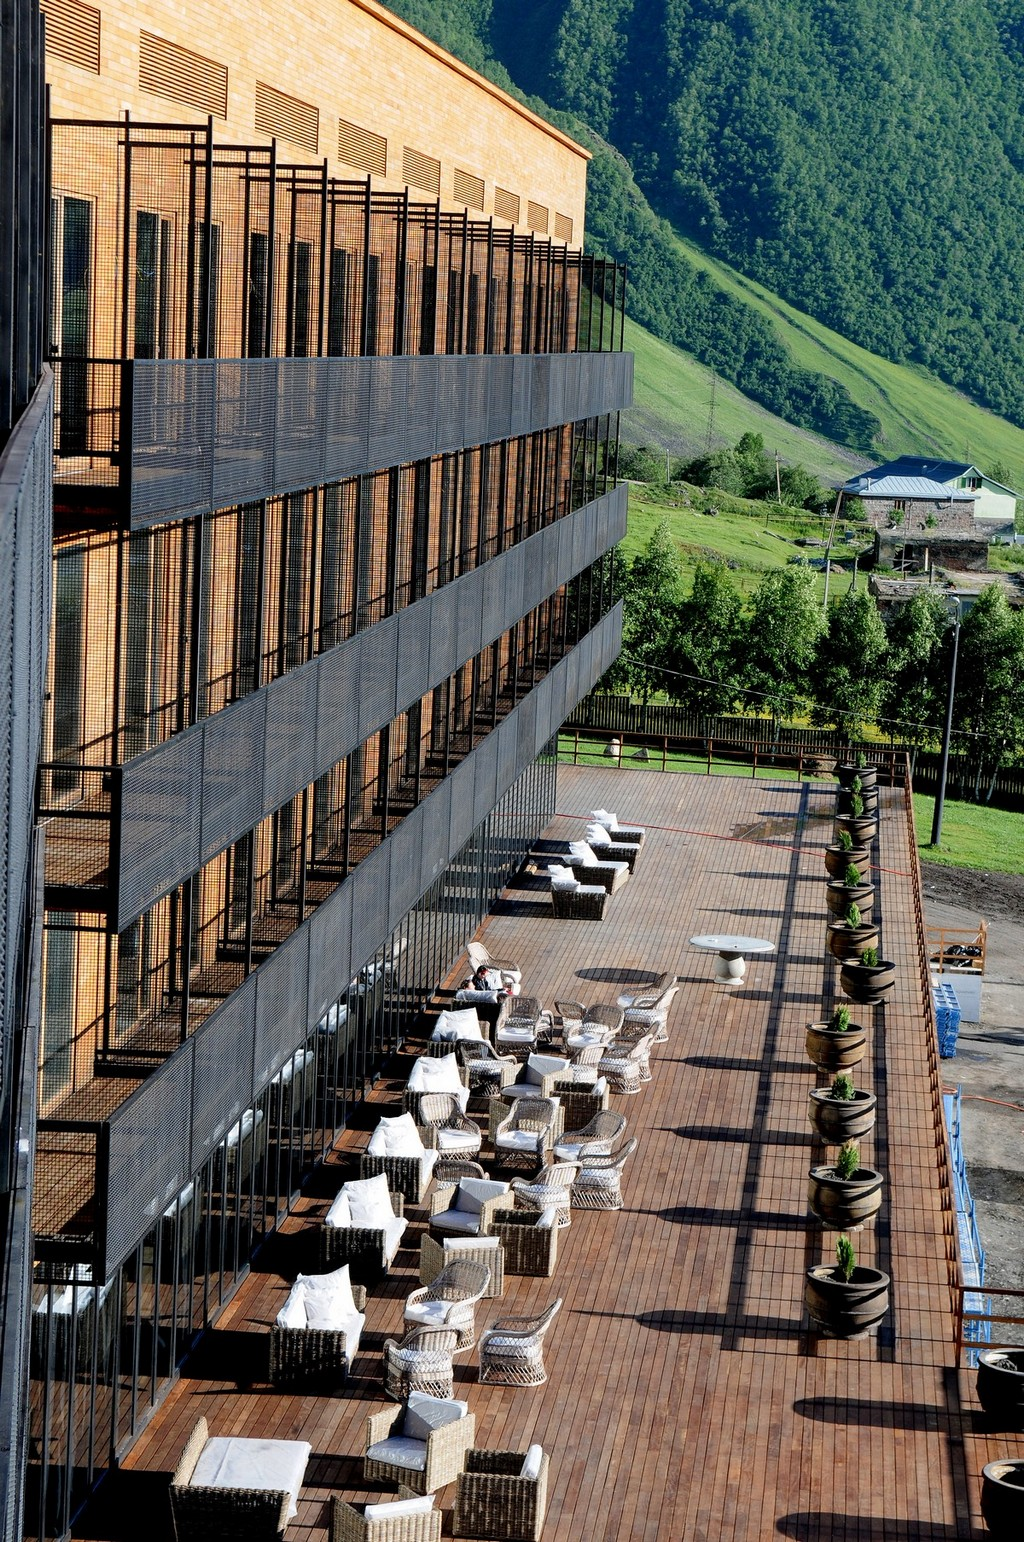 отель дизайнерских отелей 7 дизайнерских отелей в постсоветских странах DSC 7148